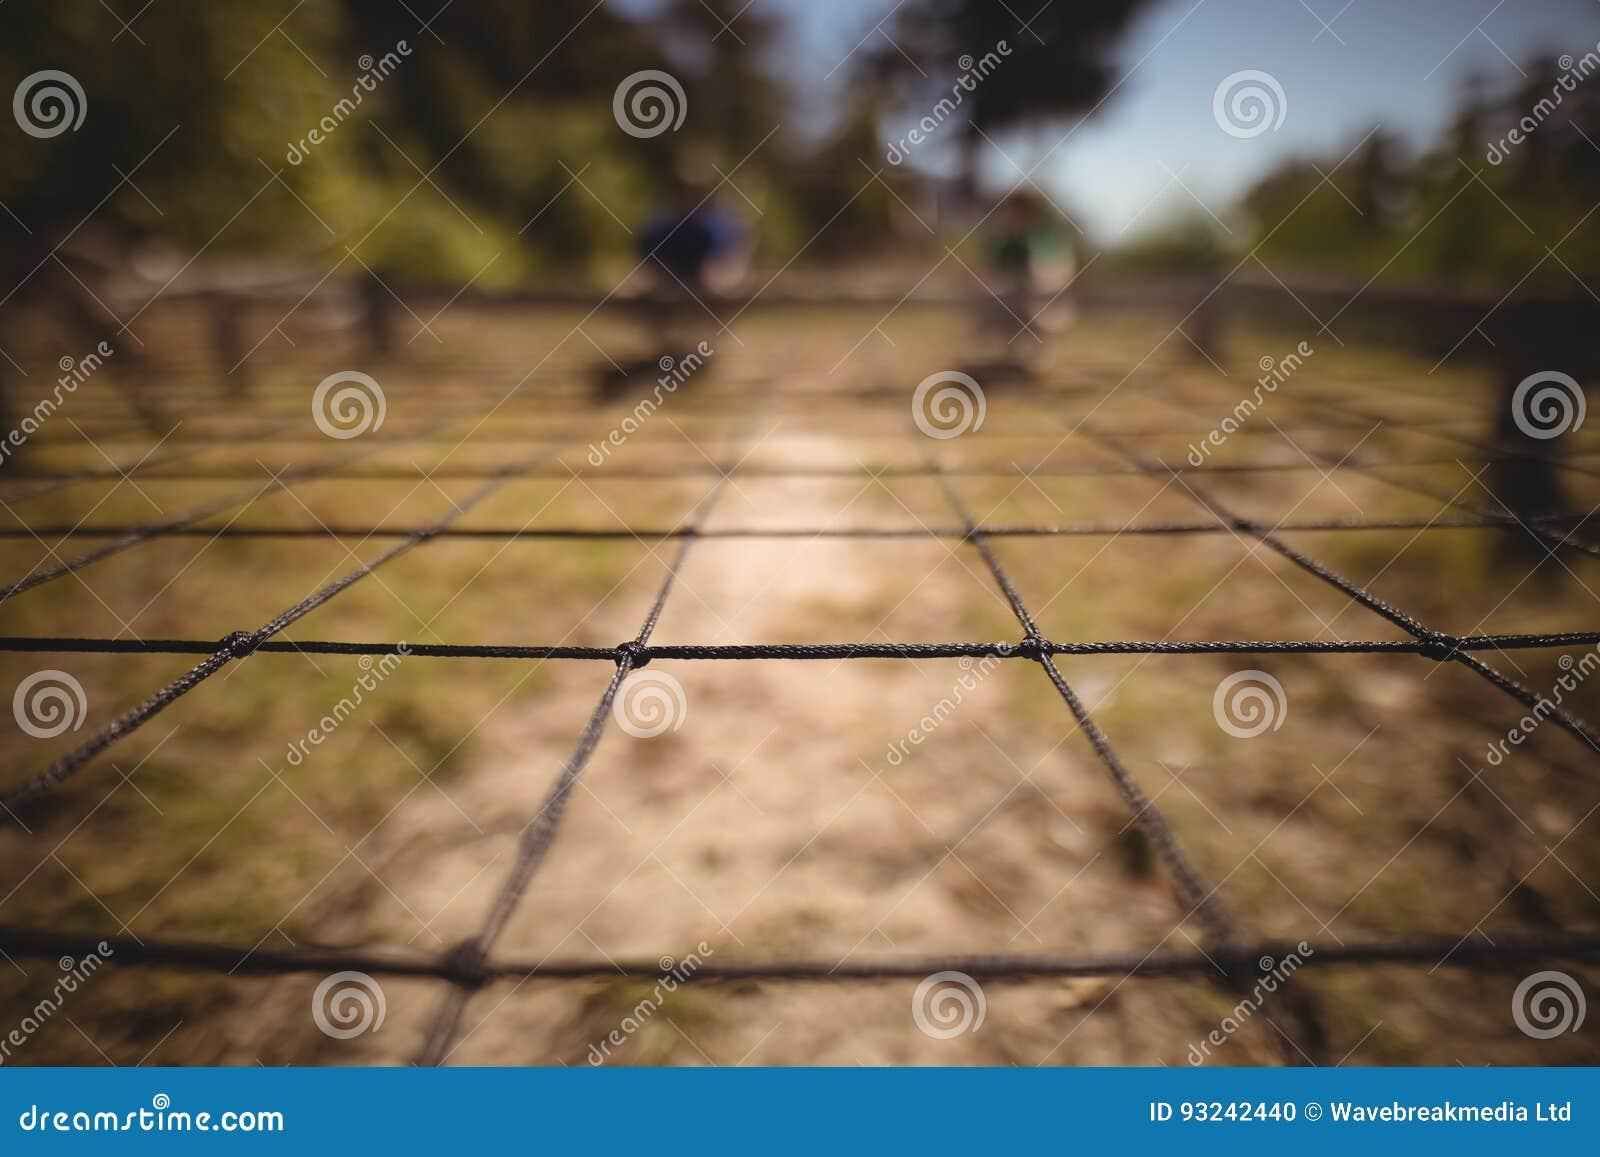 Närbild av netto i kängaläger